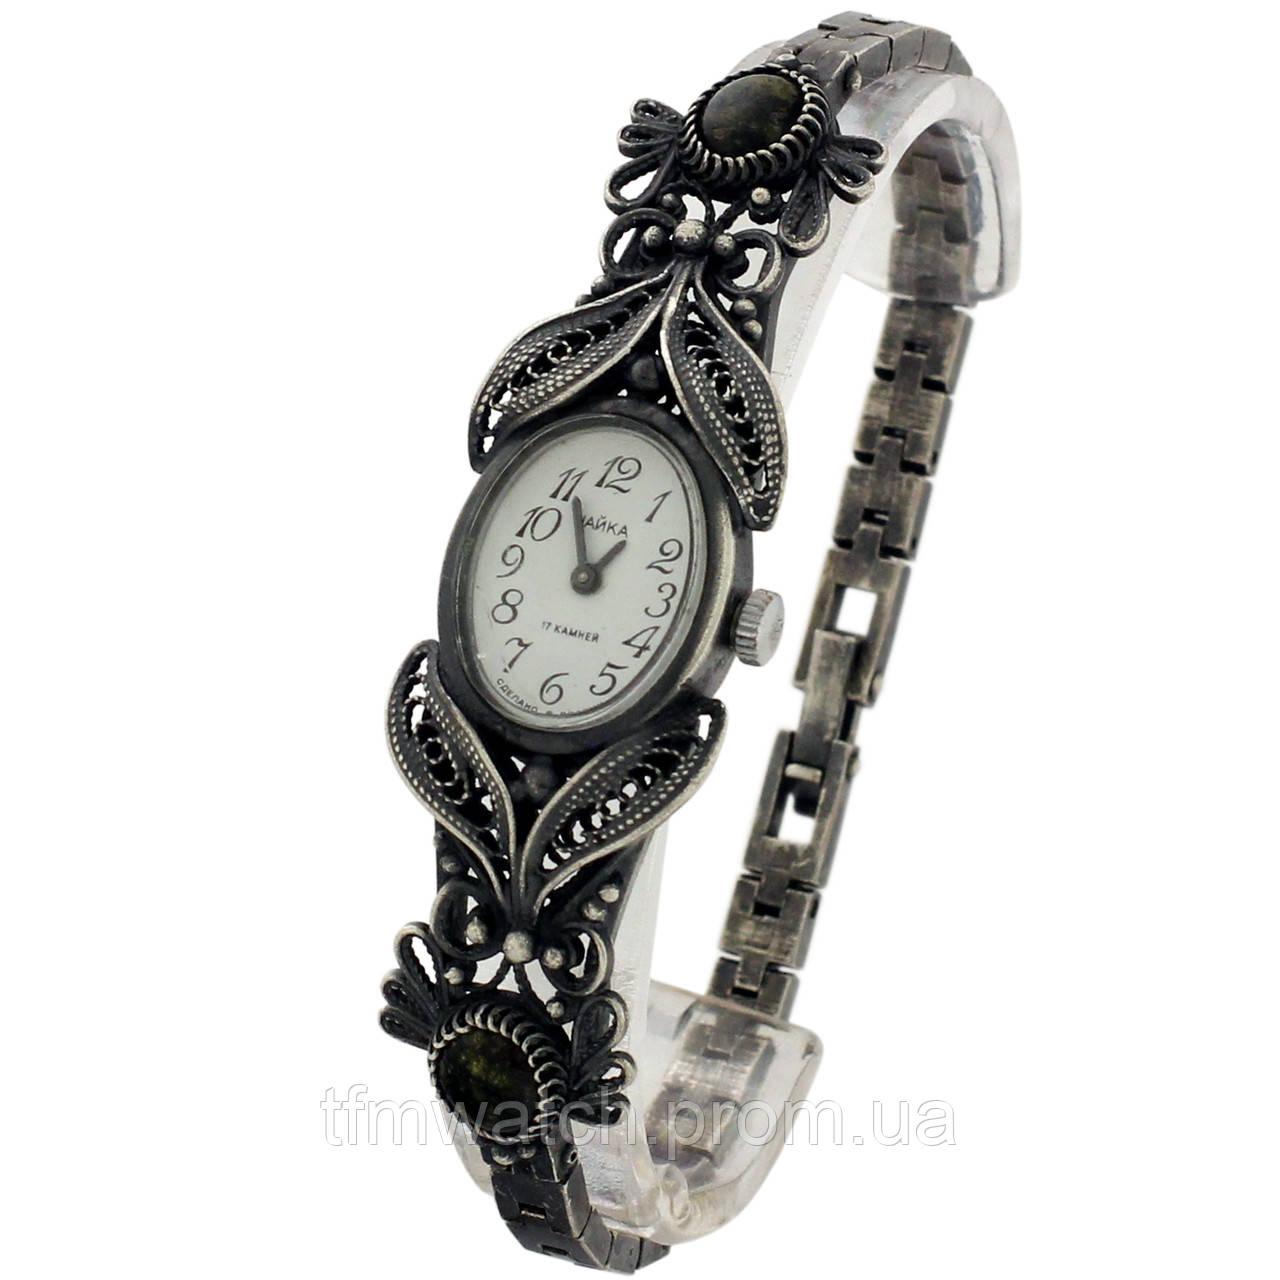 Чайка часы механические продать 17 камней серебряные casio часов киев наручных скупка